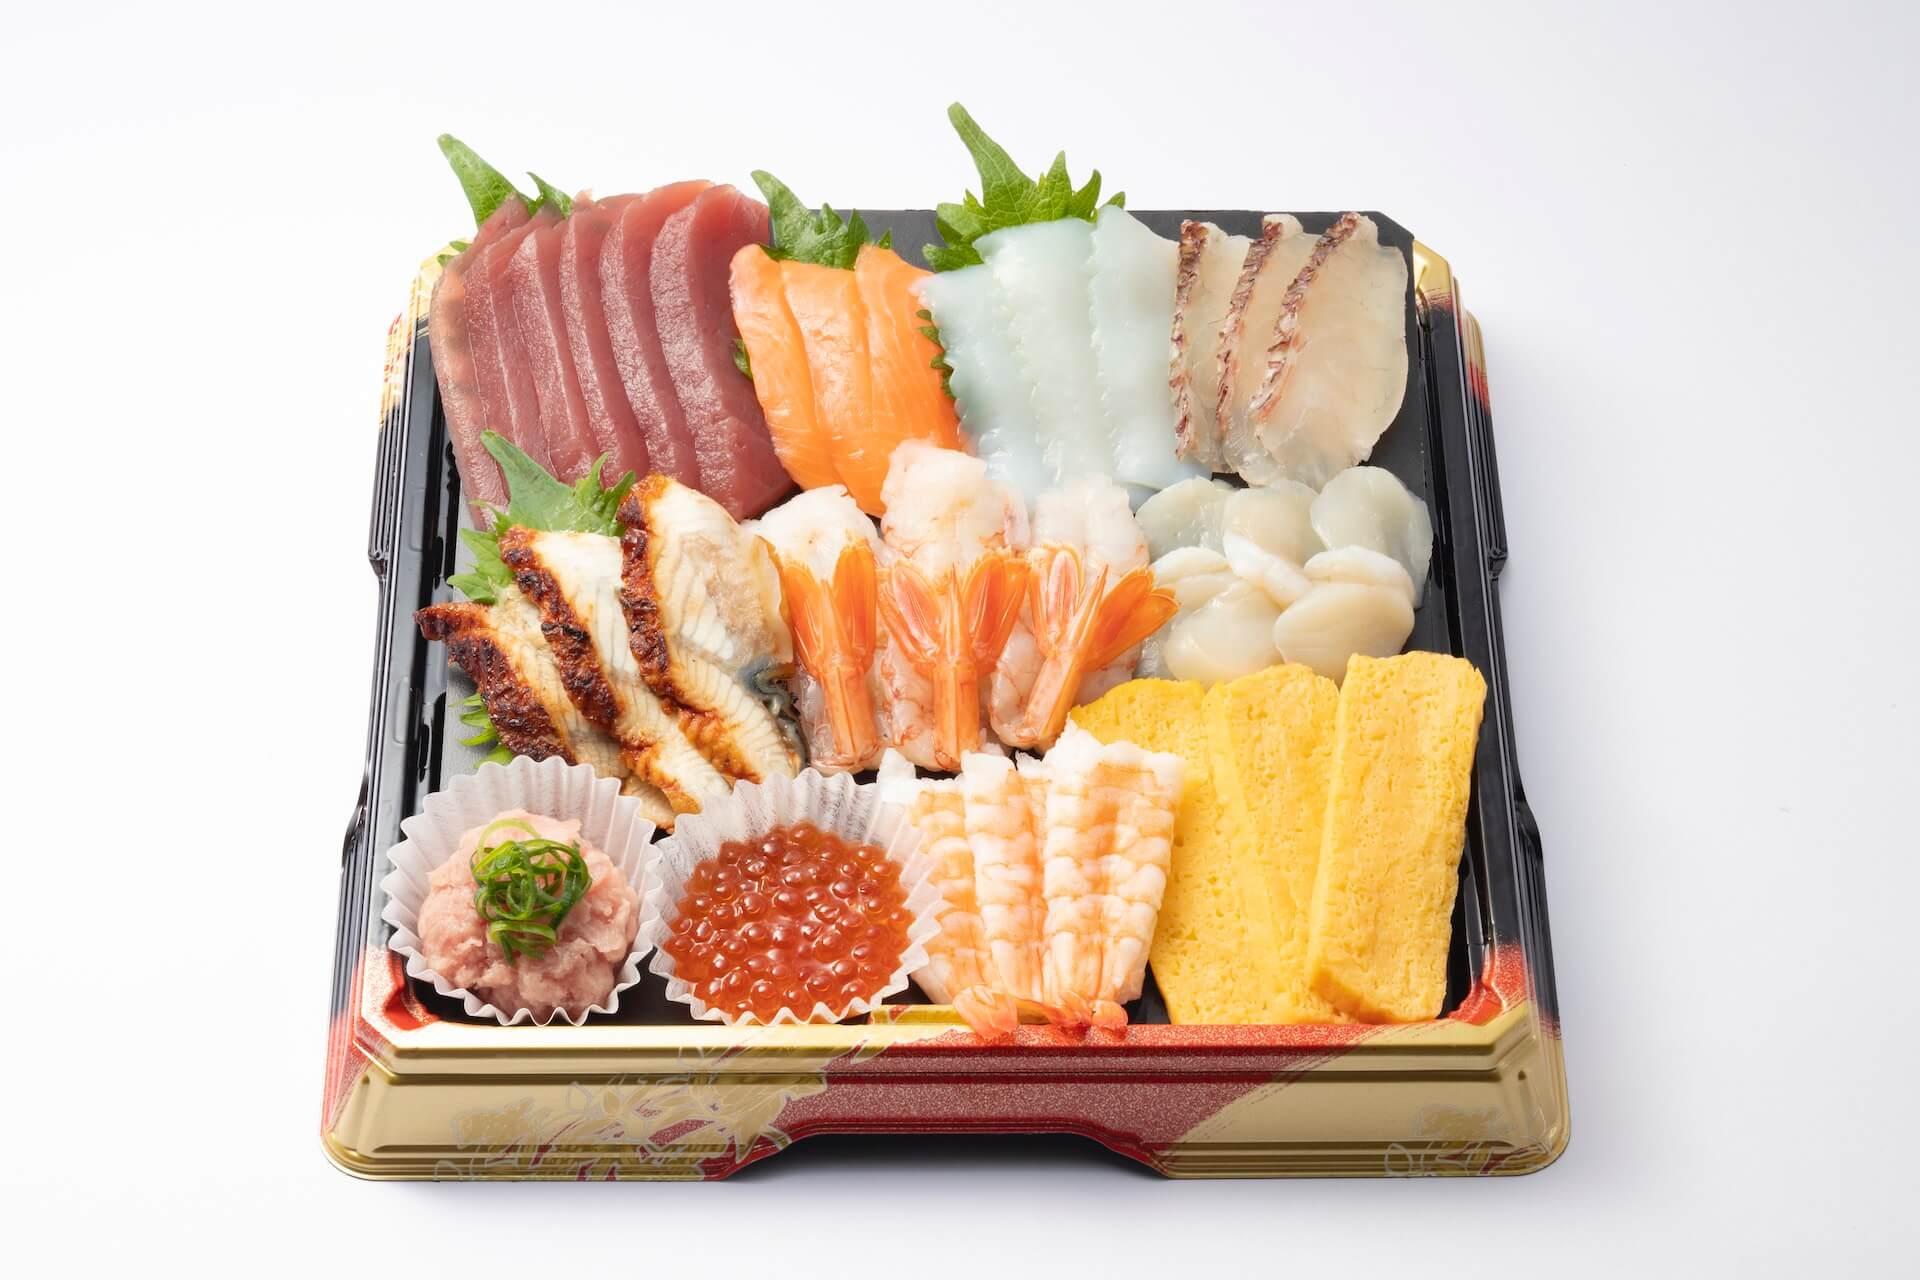 おうちで手作りはま寿司を楽しもう!人気・贅沢ネタ11種としゃり30貫がセットになった「おうちではま寿司セット」が登場 gourmet_200424_hamazushi_02